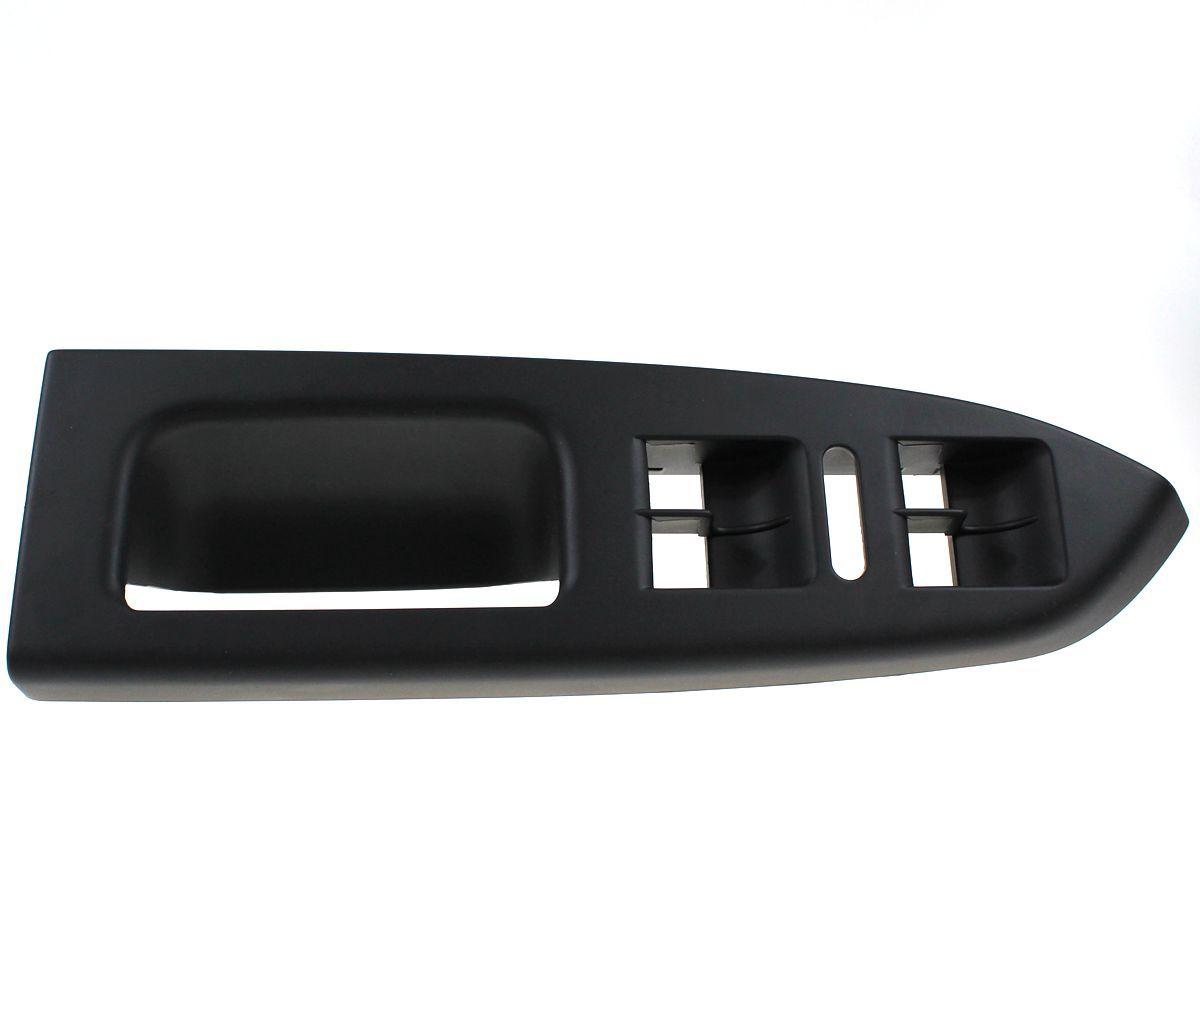 LARBLL New LHD Door Handle Trim Dark Gray LEFT Master Window Switch Panel Bezel 1T1 867 371 For VW Volkswagen Touran 2003-2016